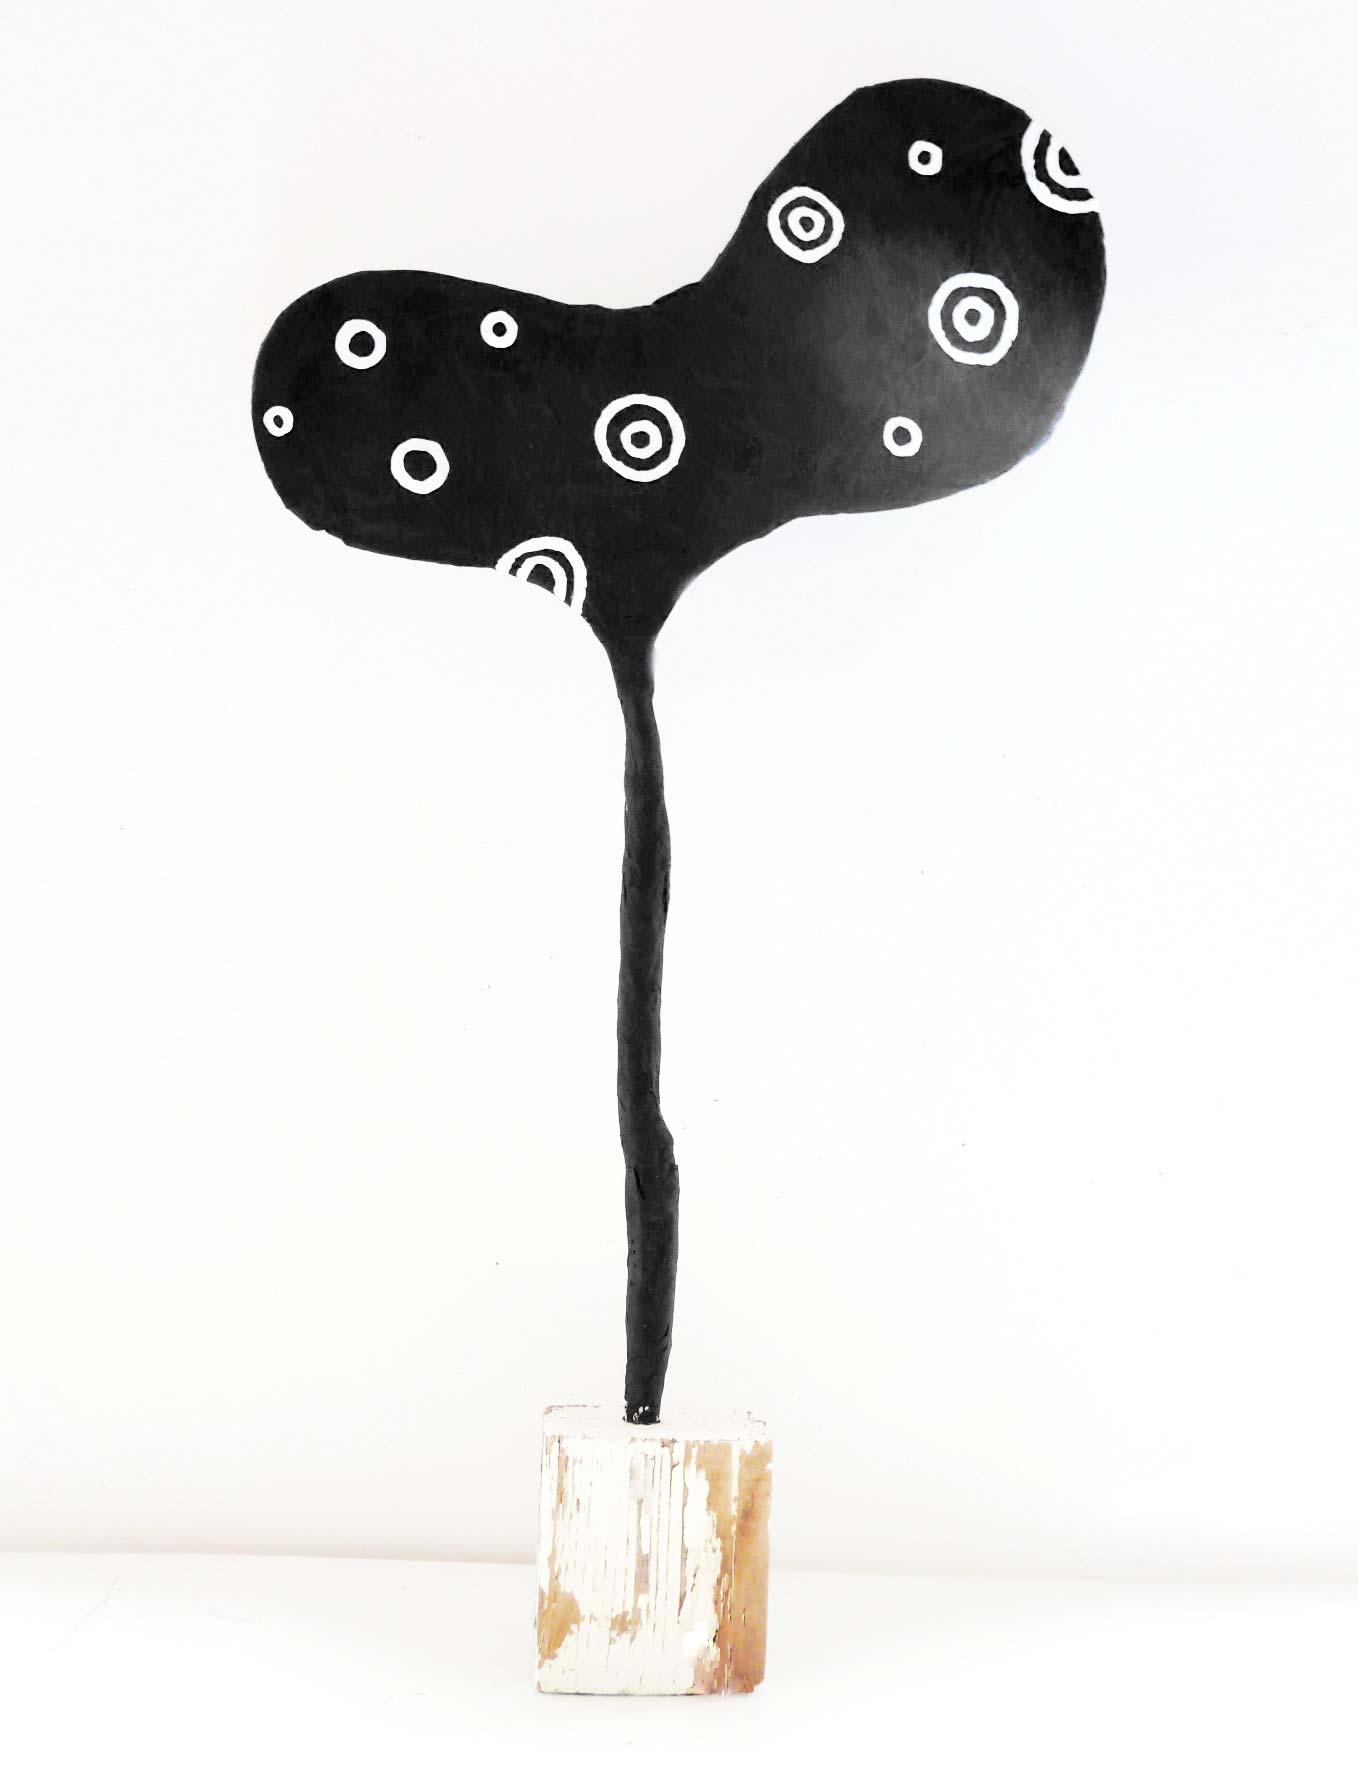 objecten zwart-wit